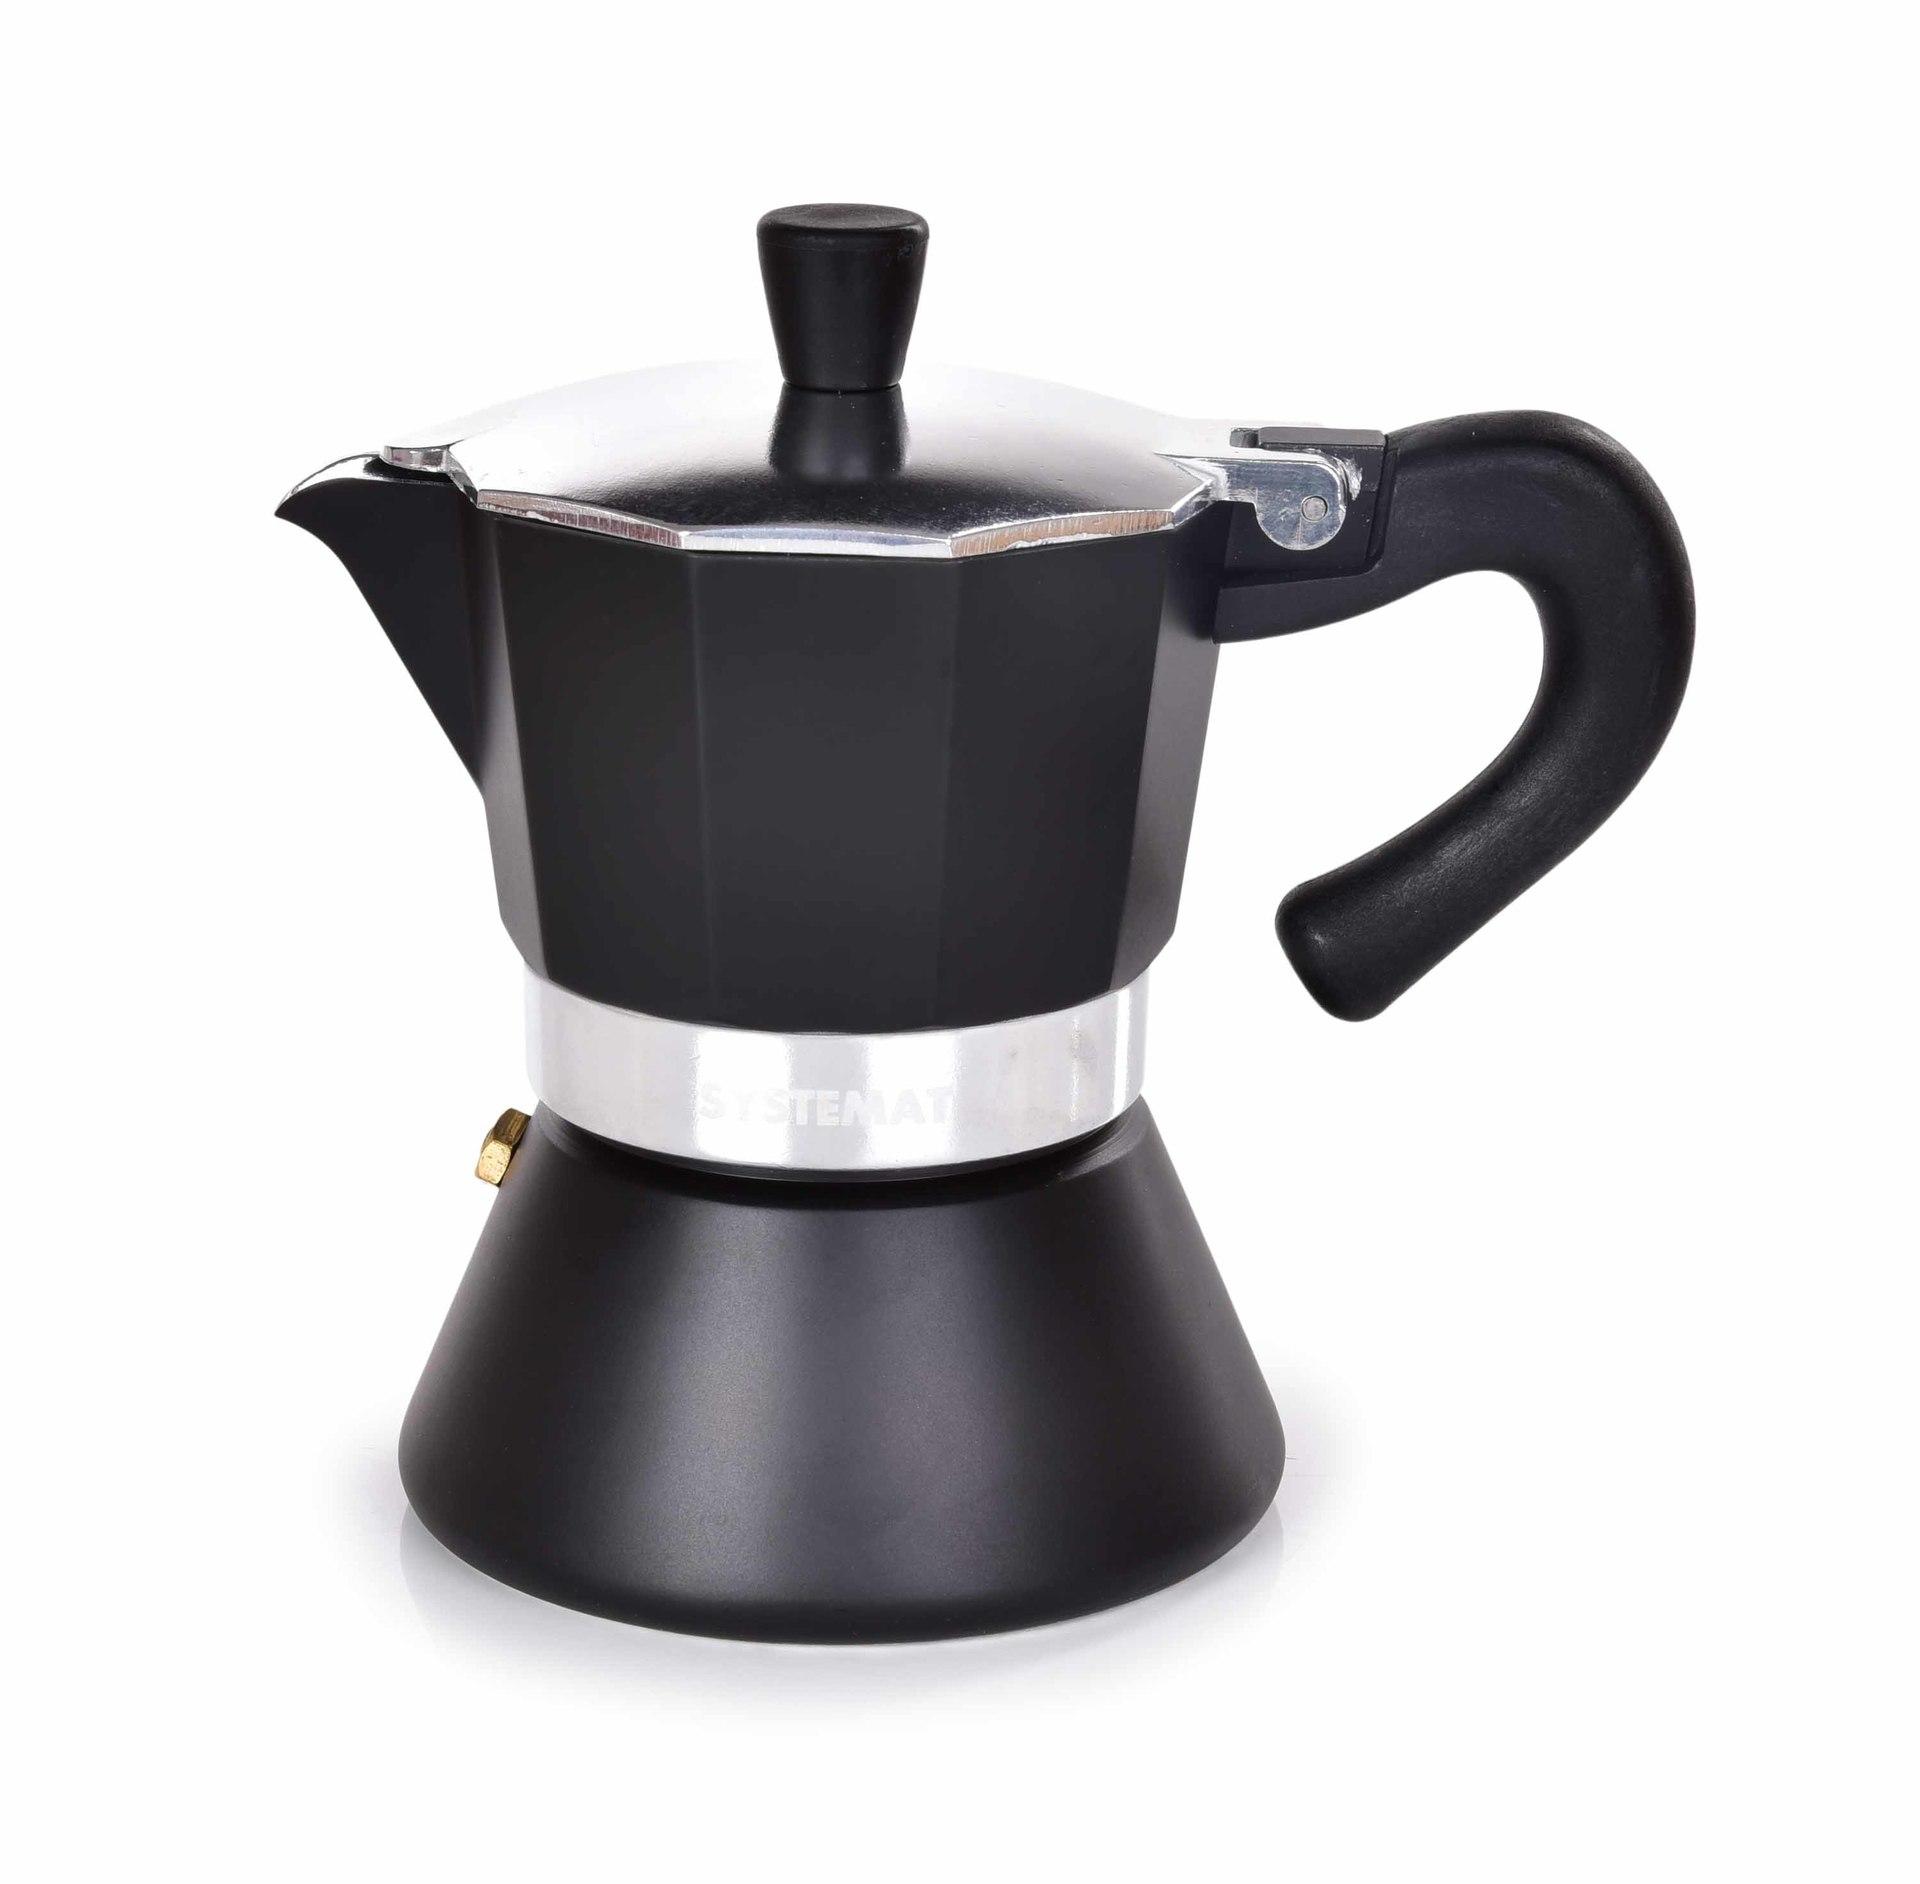 160 ml MOKA ESPRESSO ci¶nieniowy dzbanek do przygotowania kawy, 3 fili¿anki